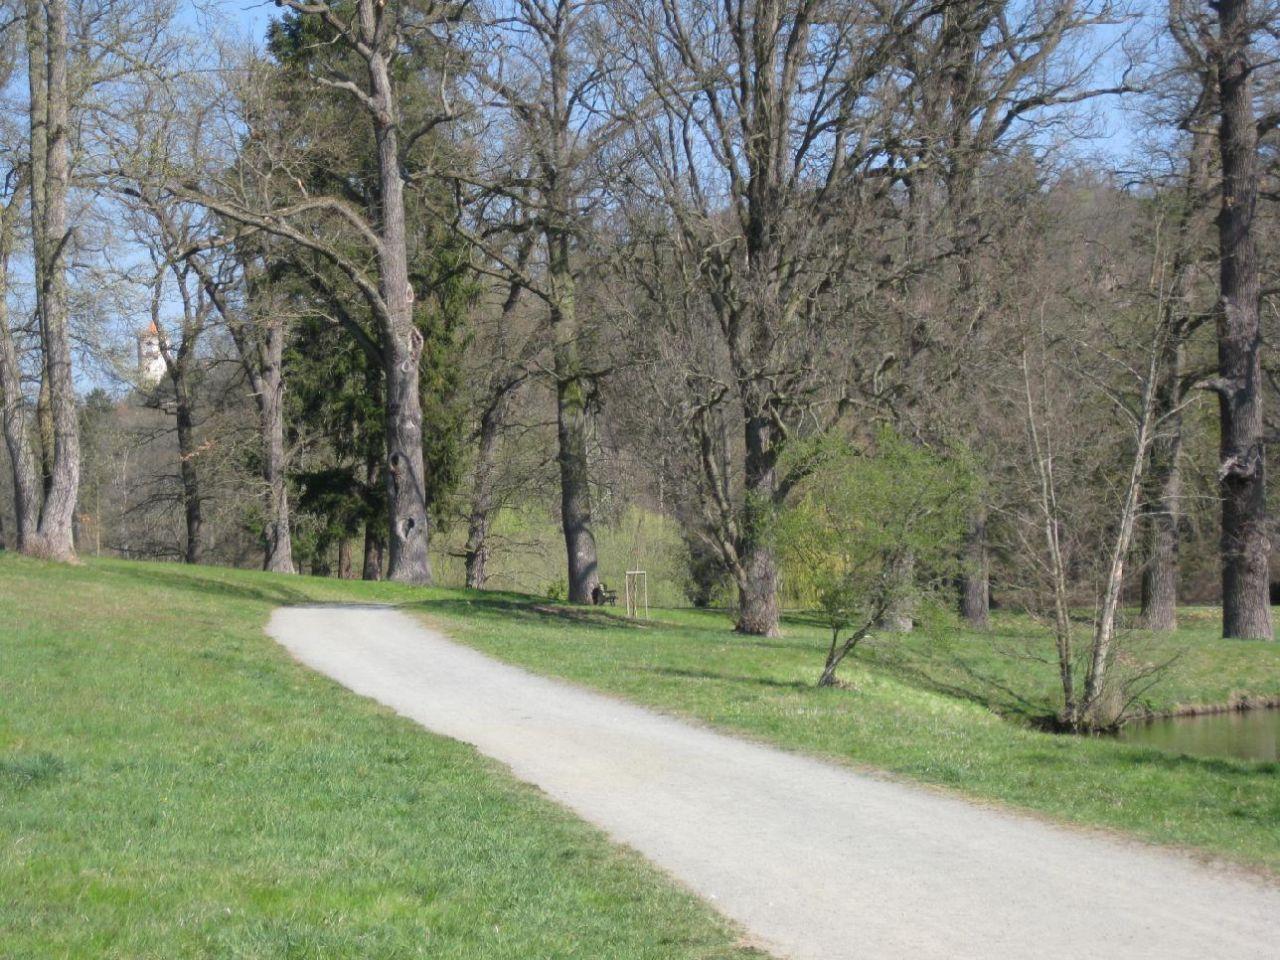 Cesta zámeckým parkem okolo rybníka